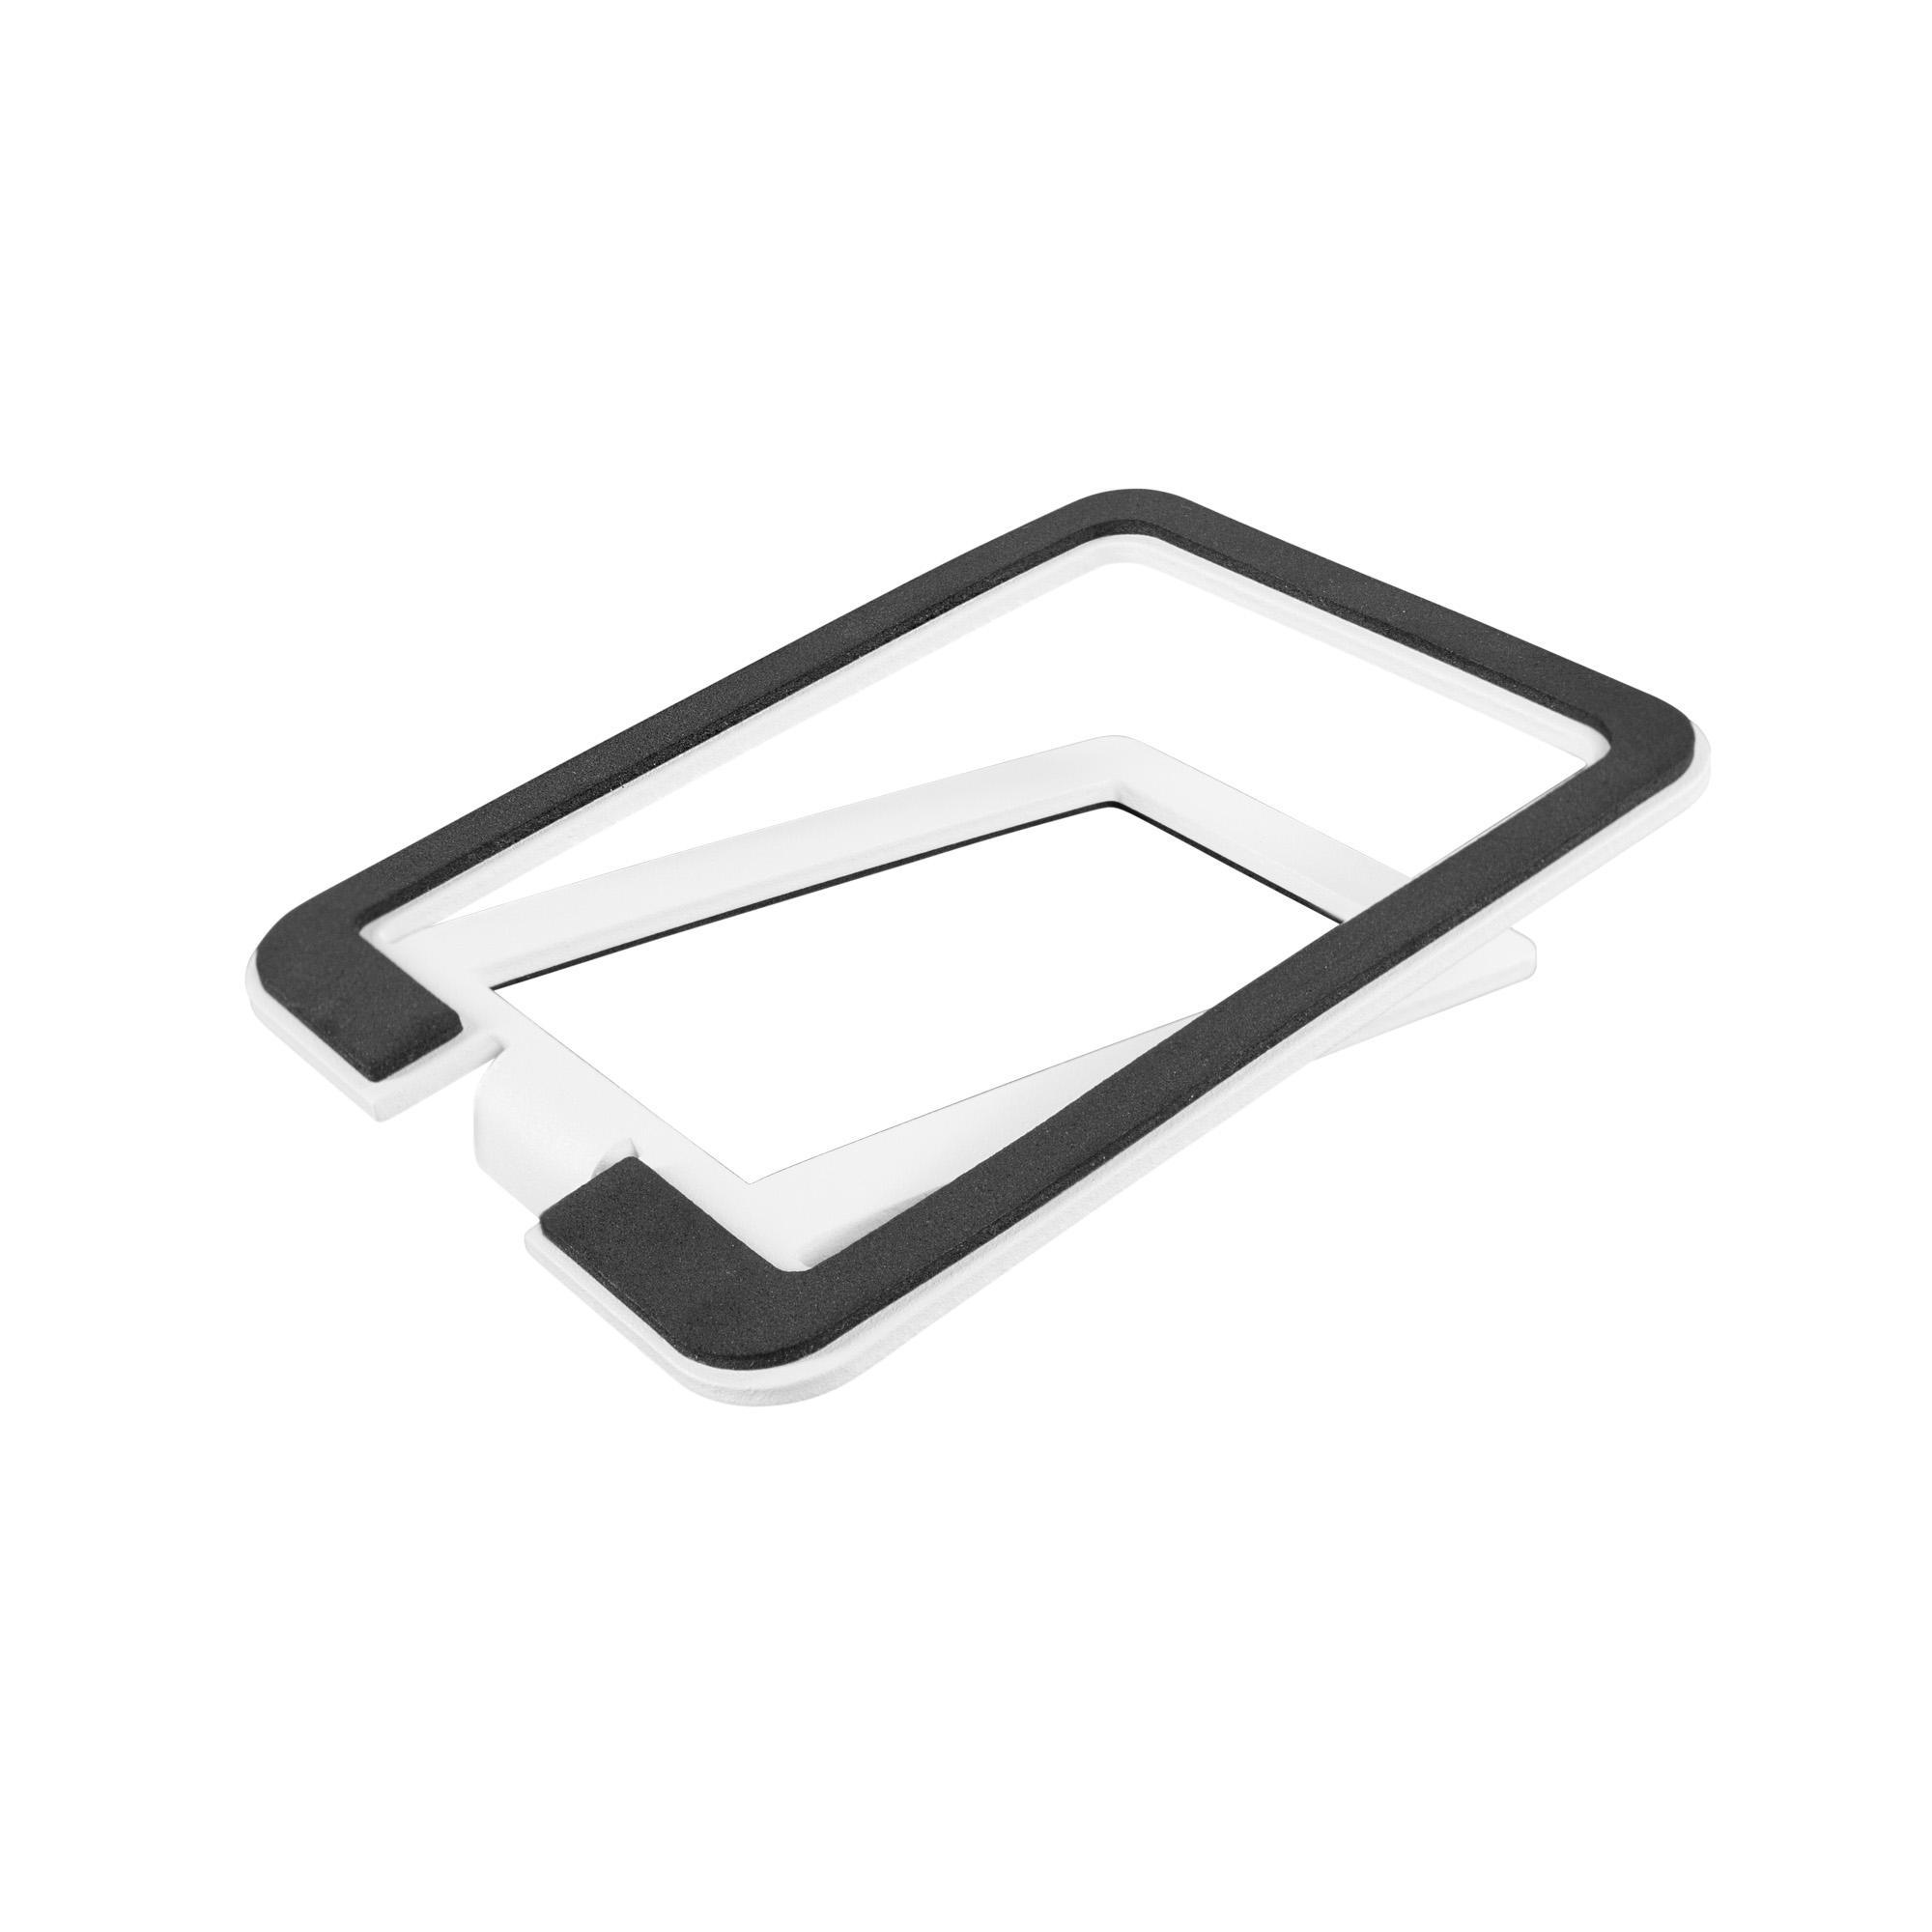 kanto s2 desktop speaker stands  black